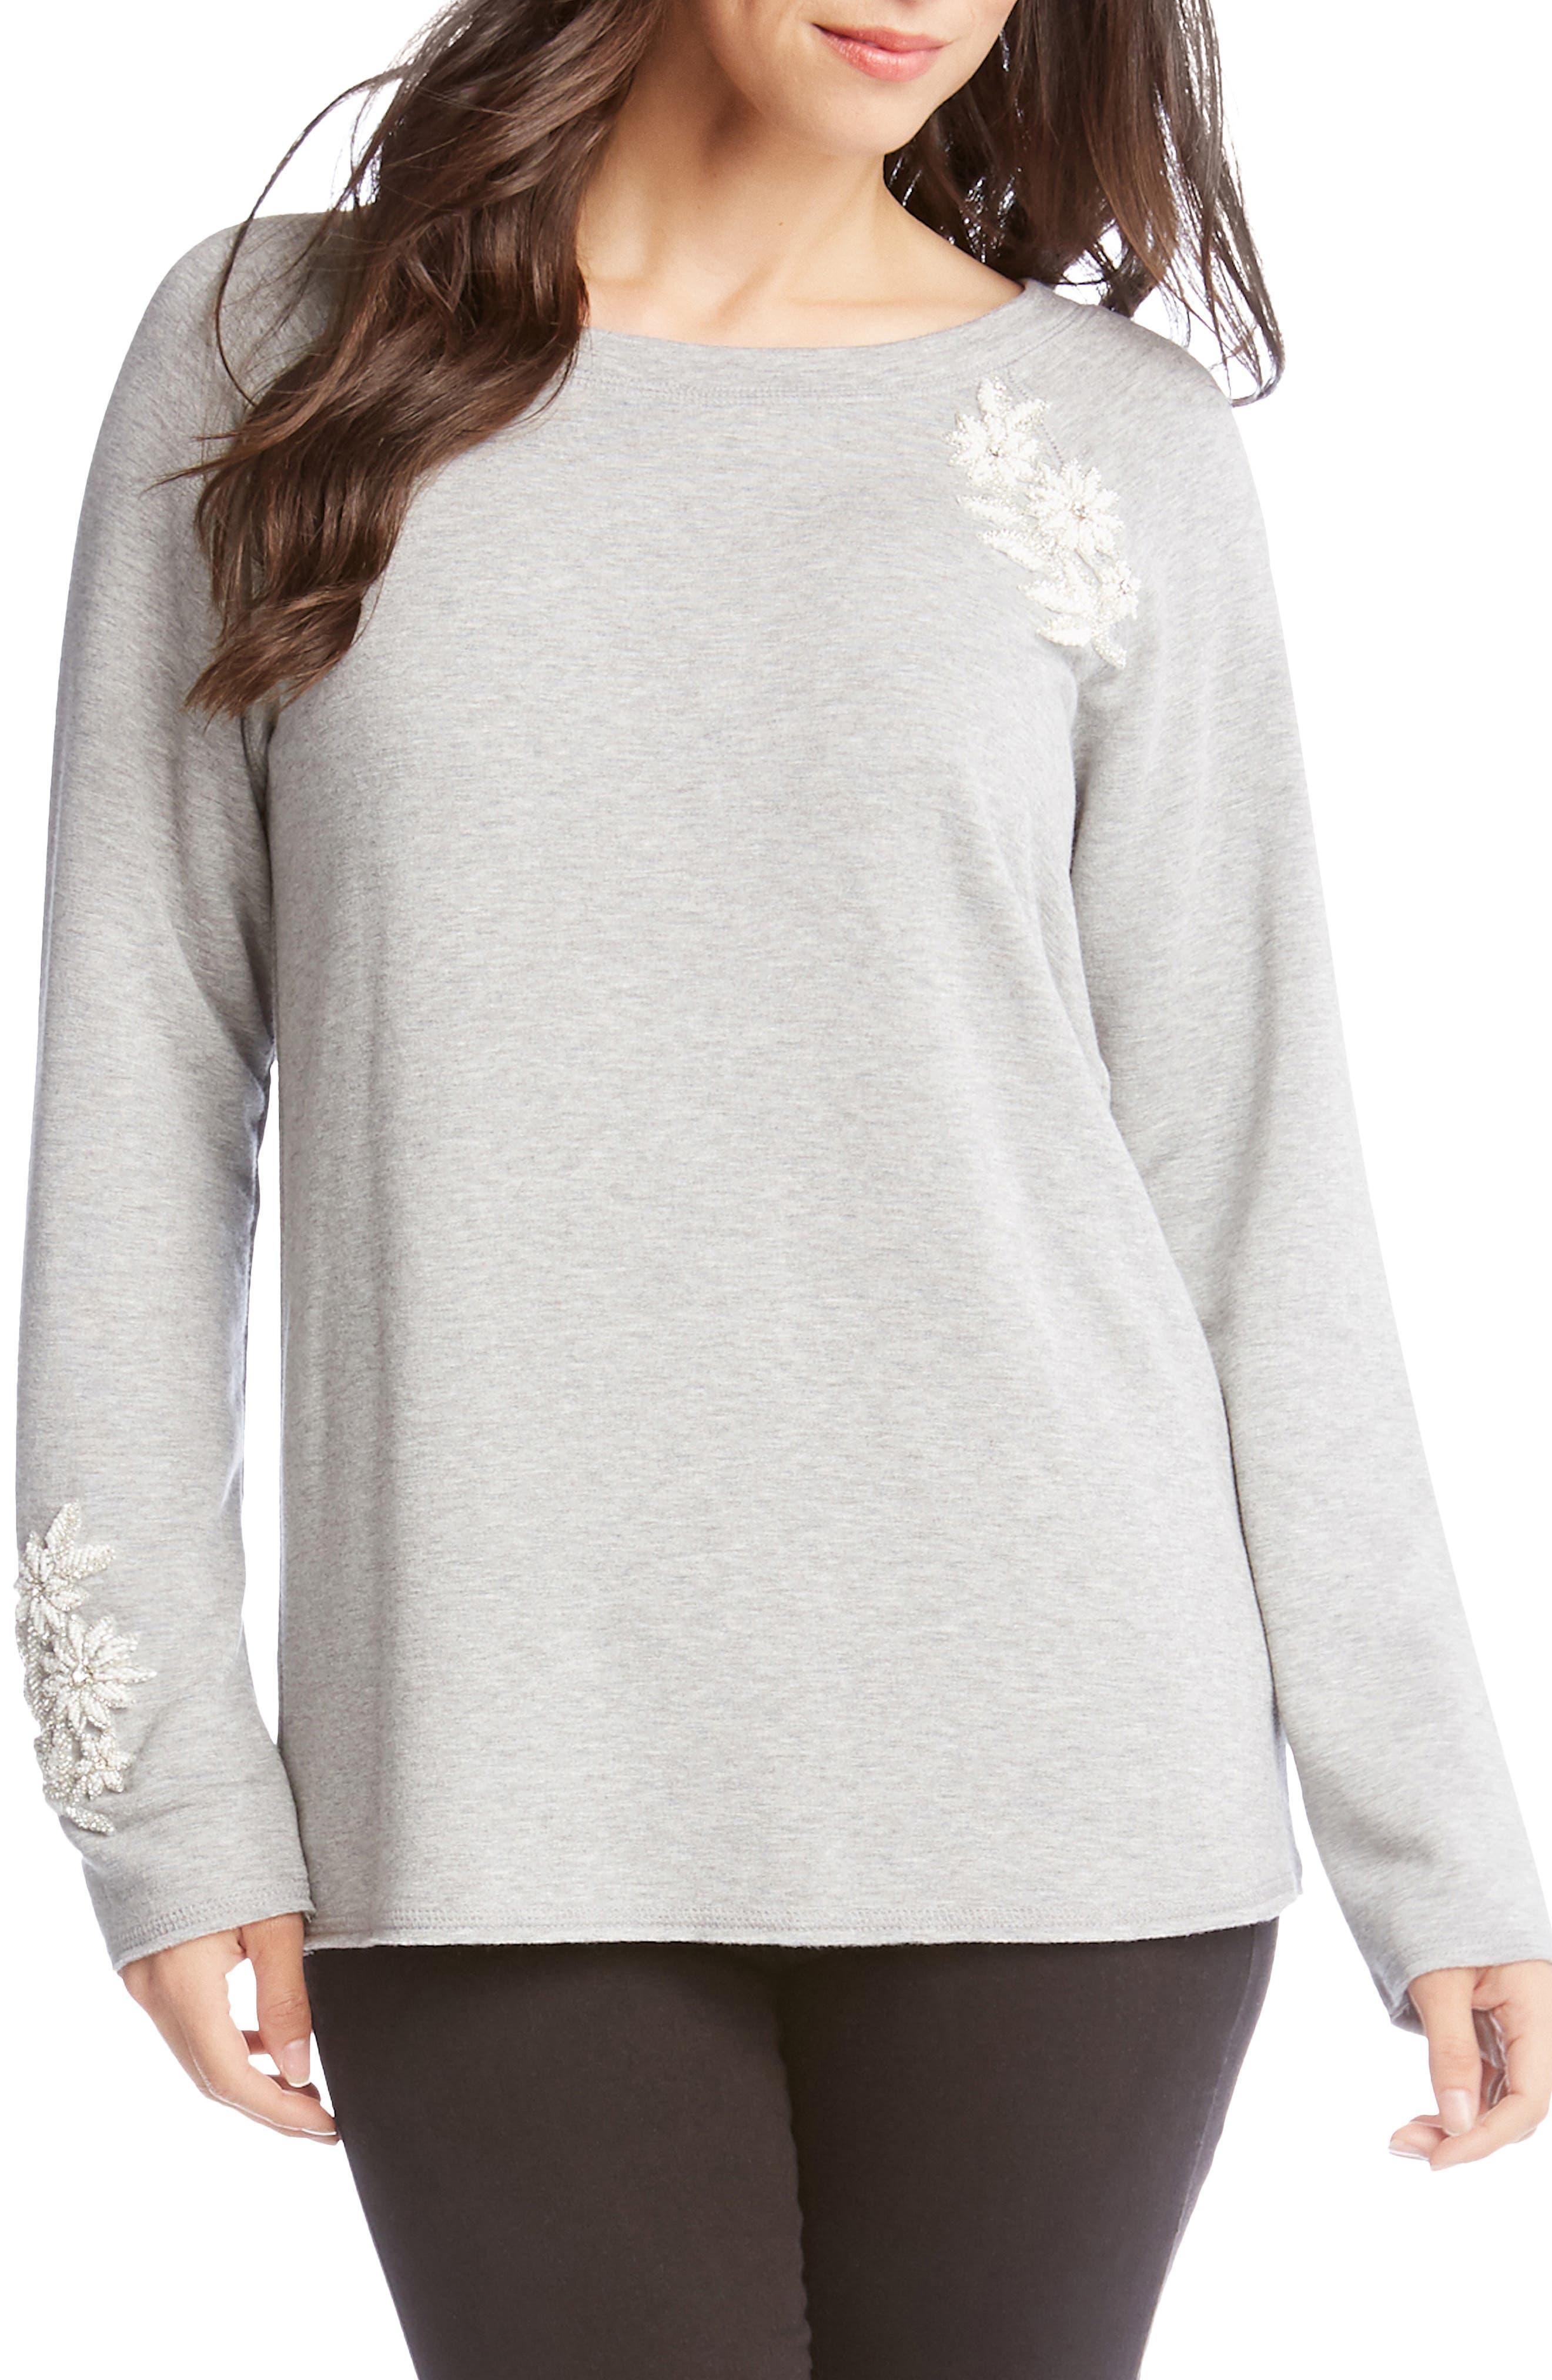 Karen Kane Embellished Sweatshirt, Grey